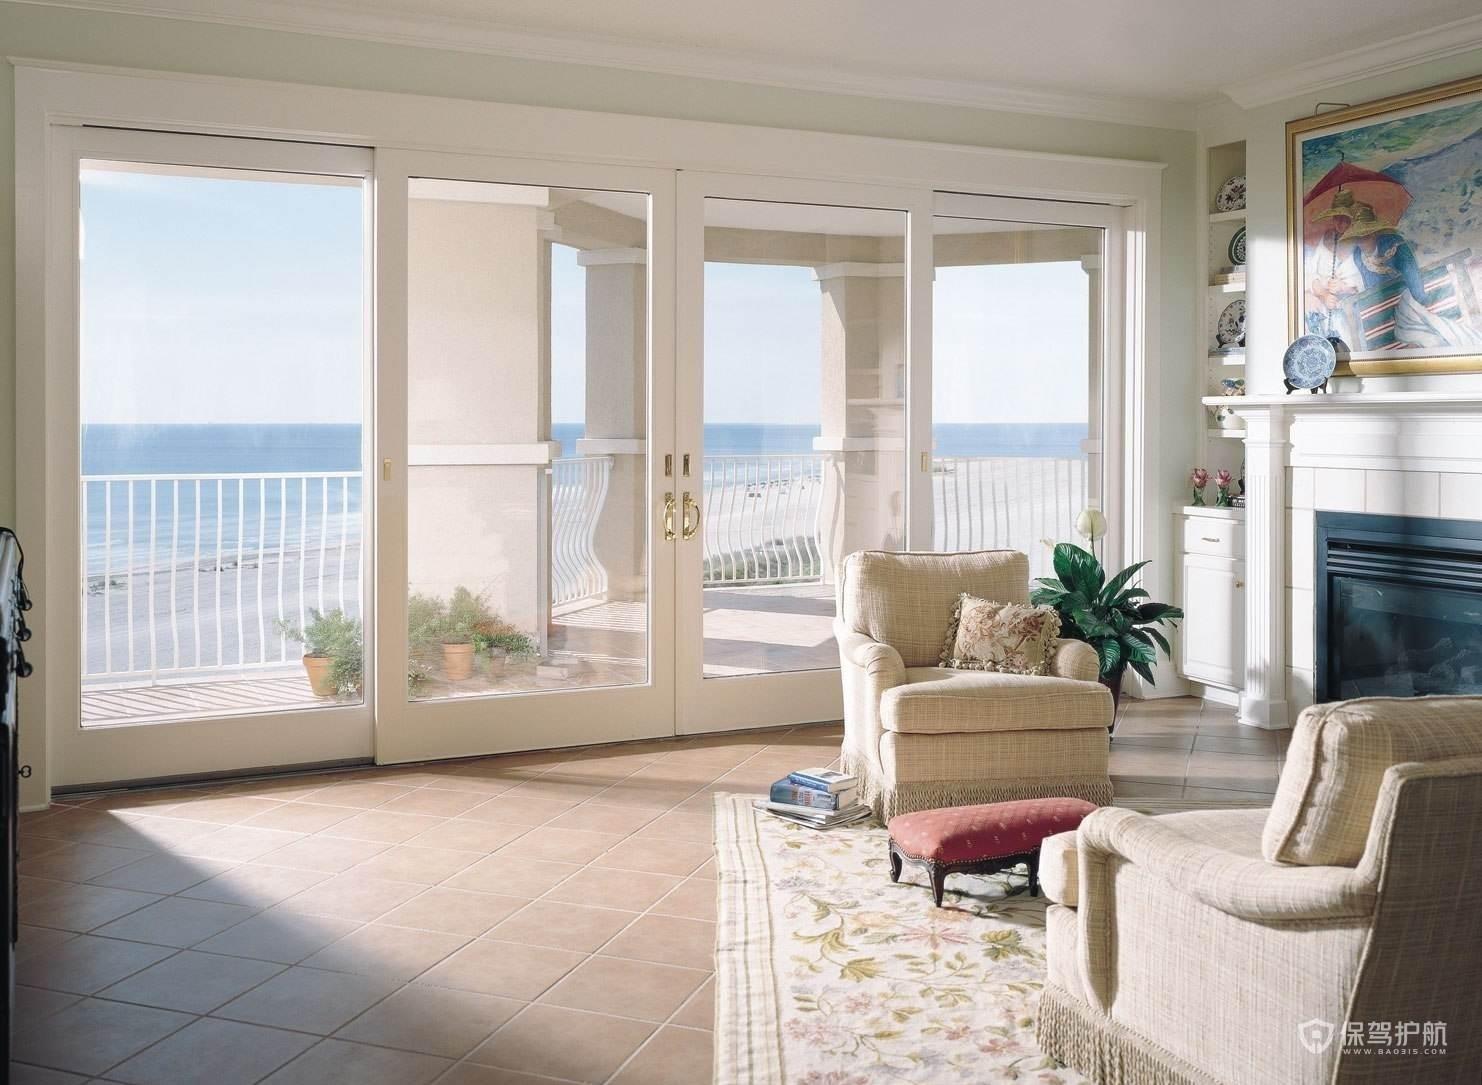 客廳和陽臺之間是否做推拉門?推拉門材料怎么選?